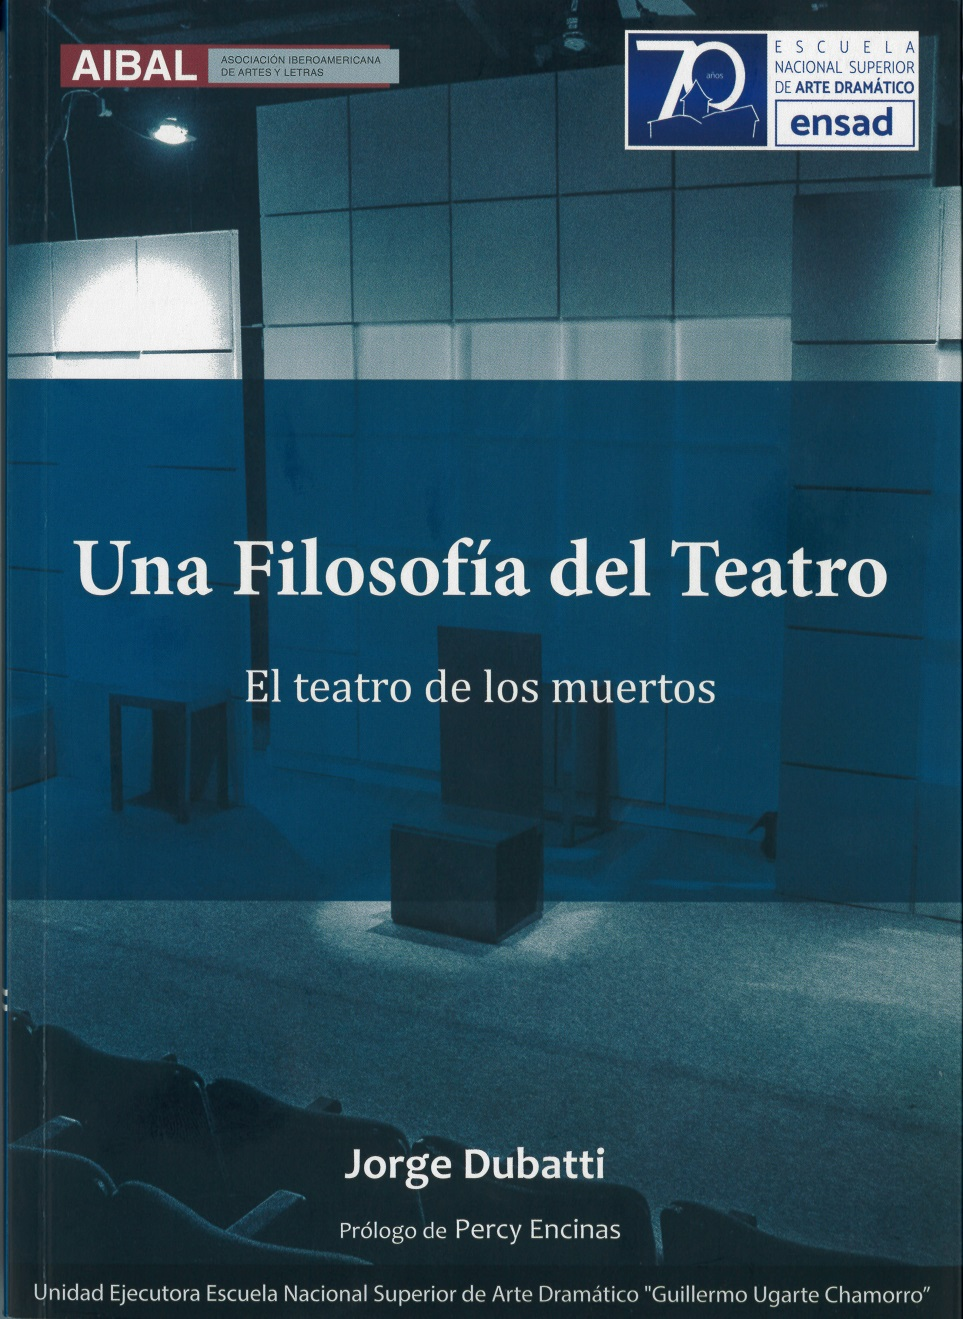 El teatro de los muertos - Jorge Dubatti